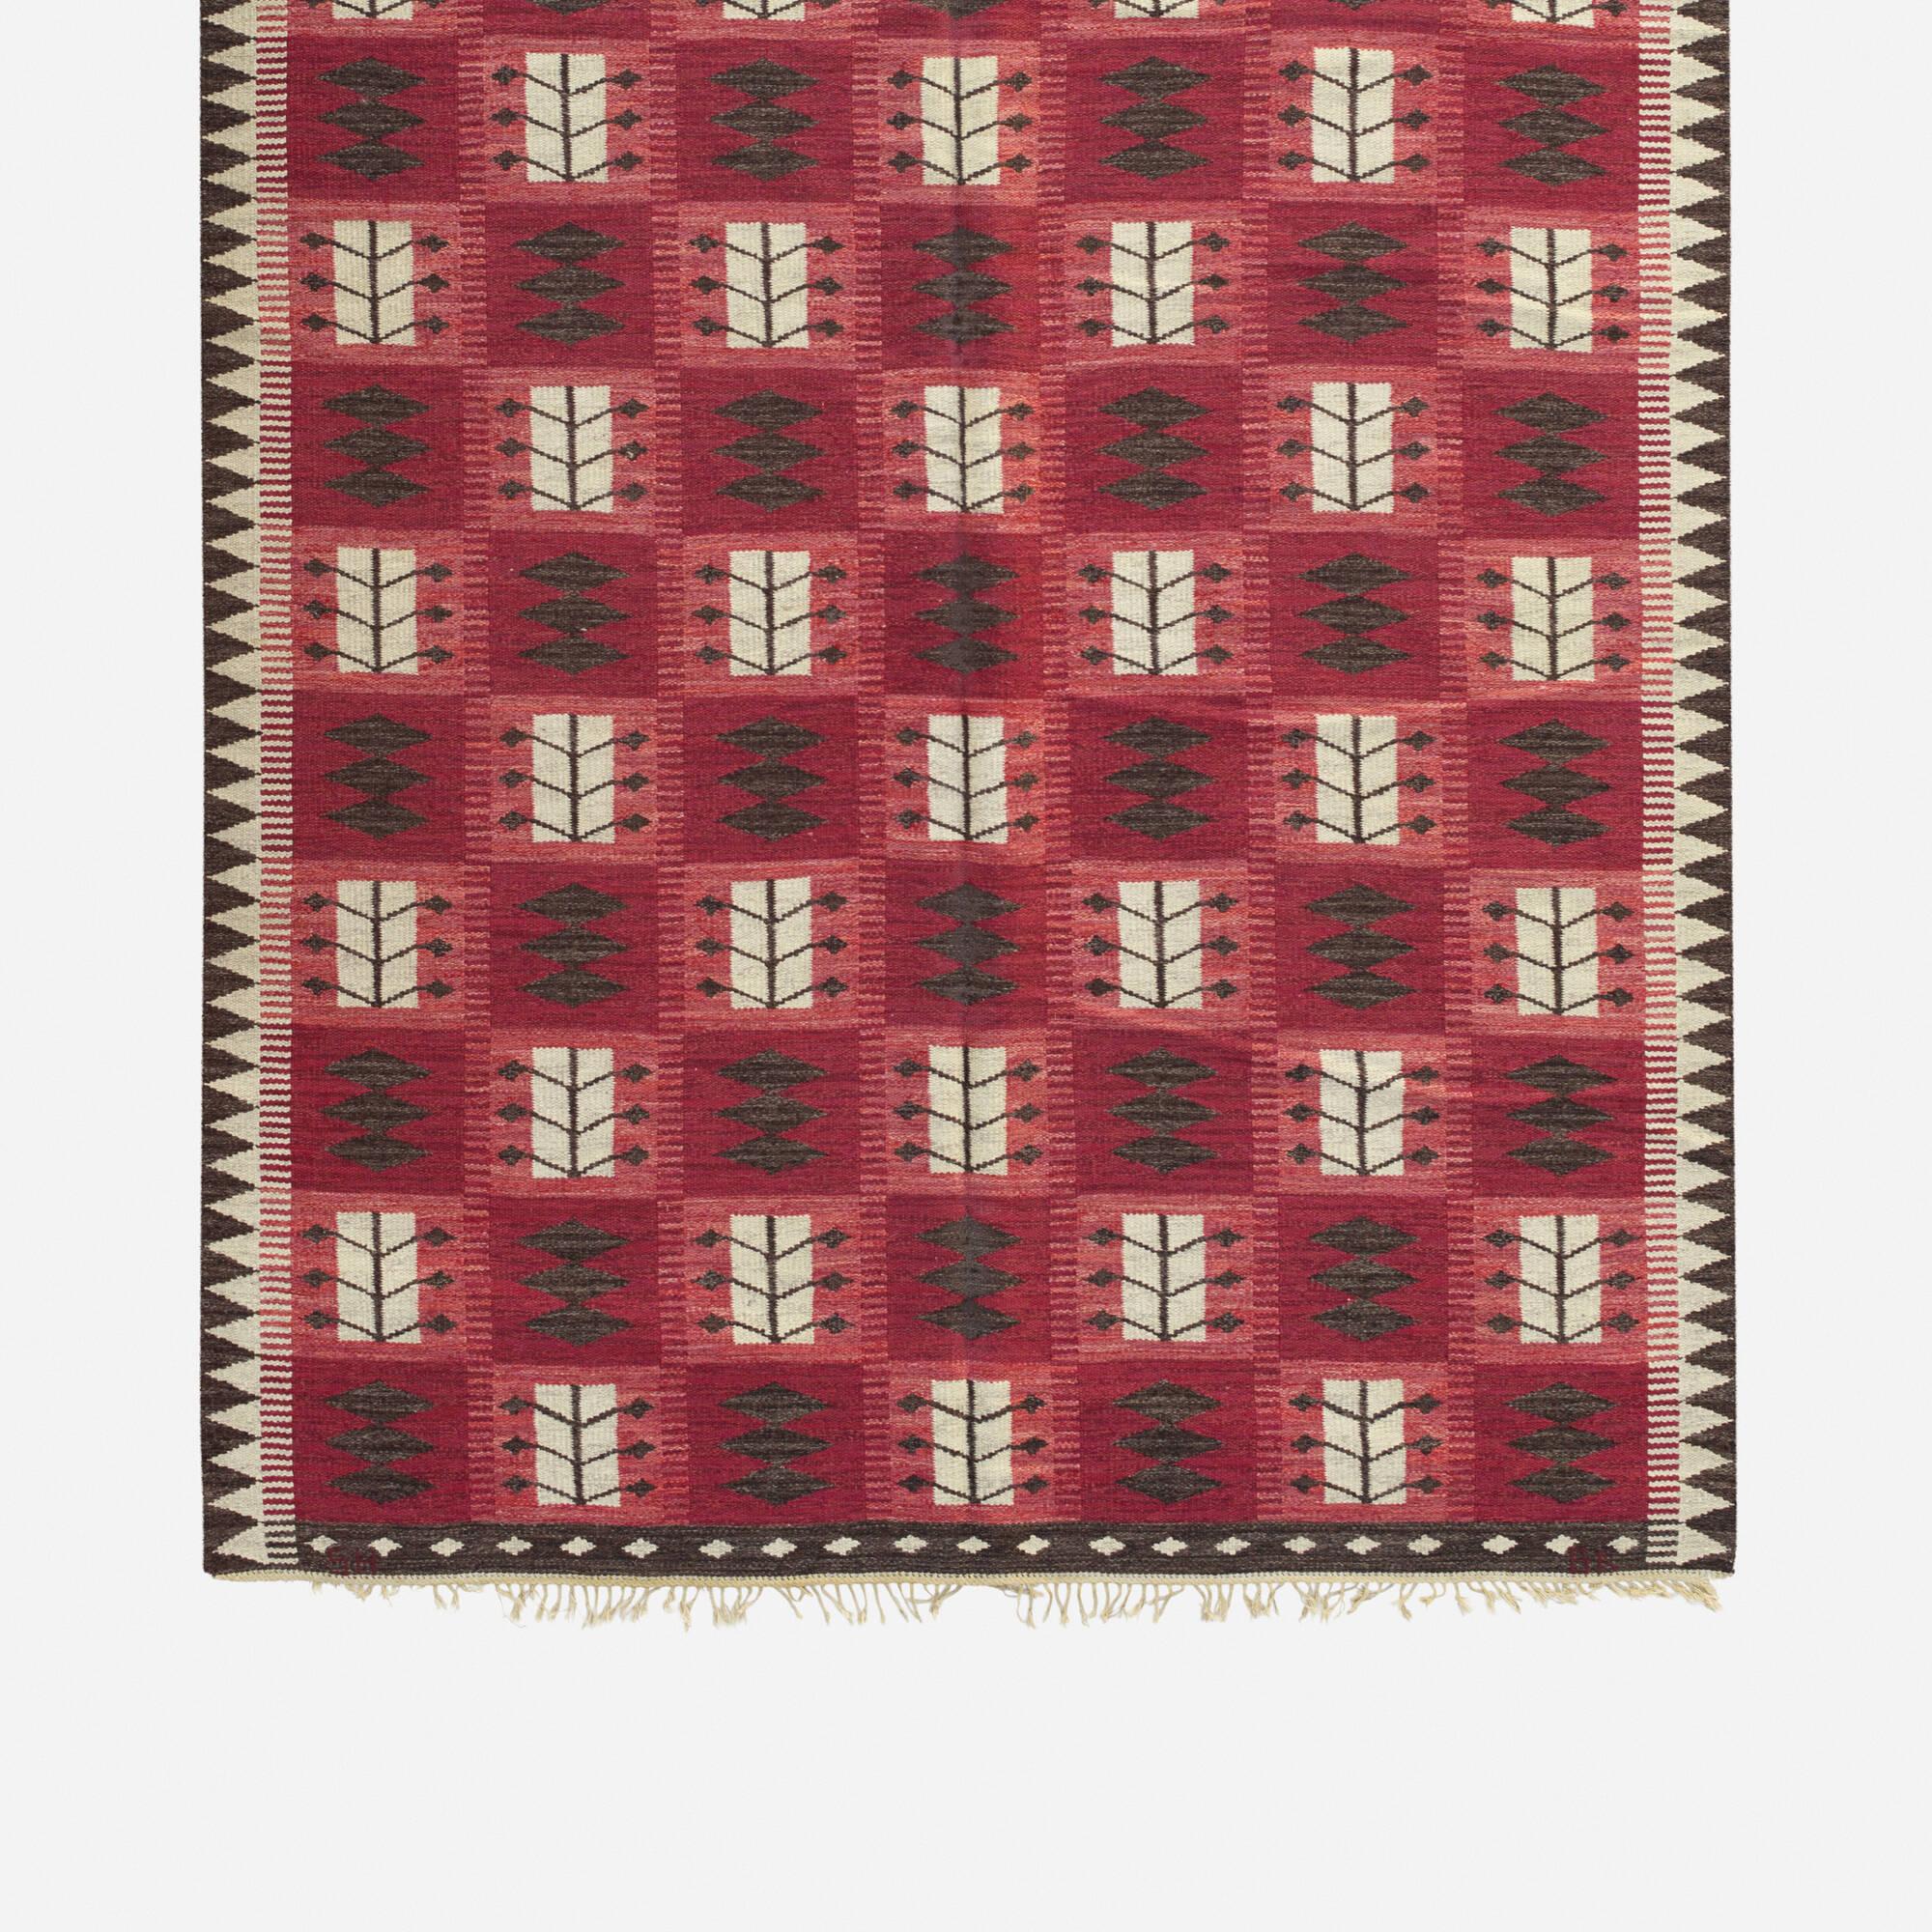 277: Berit Koenig / flatweave carpet (2 of 2)